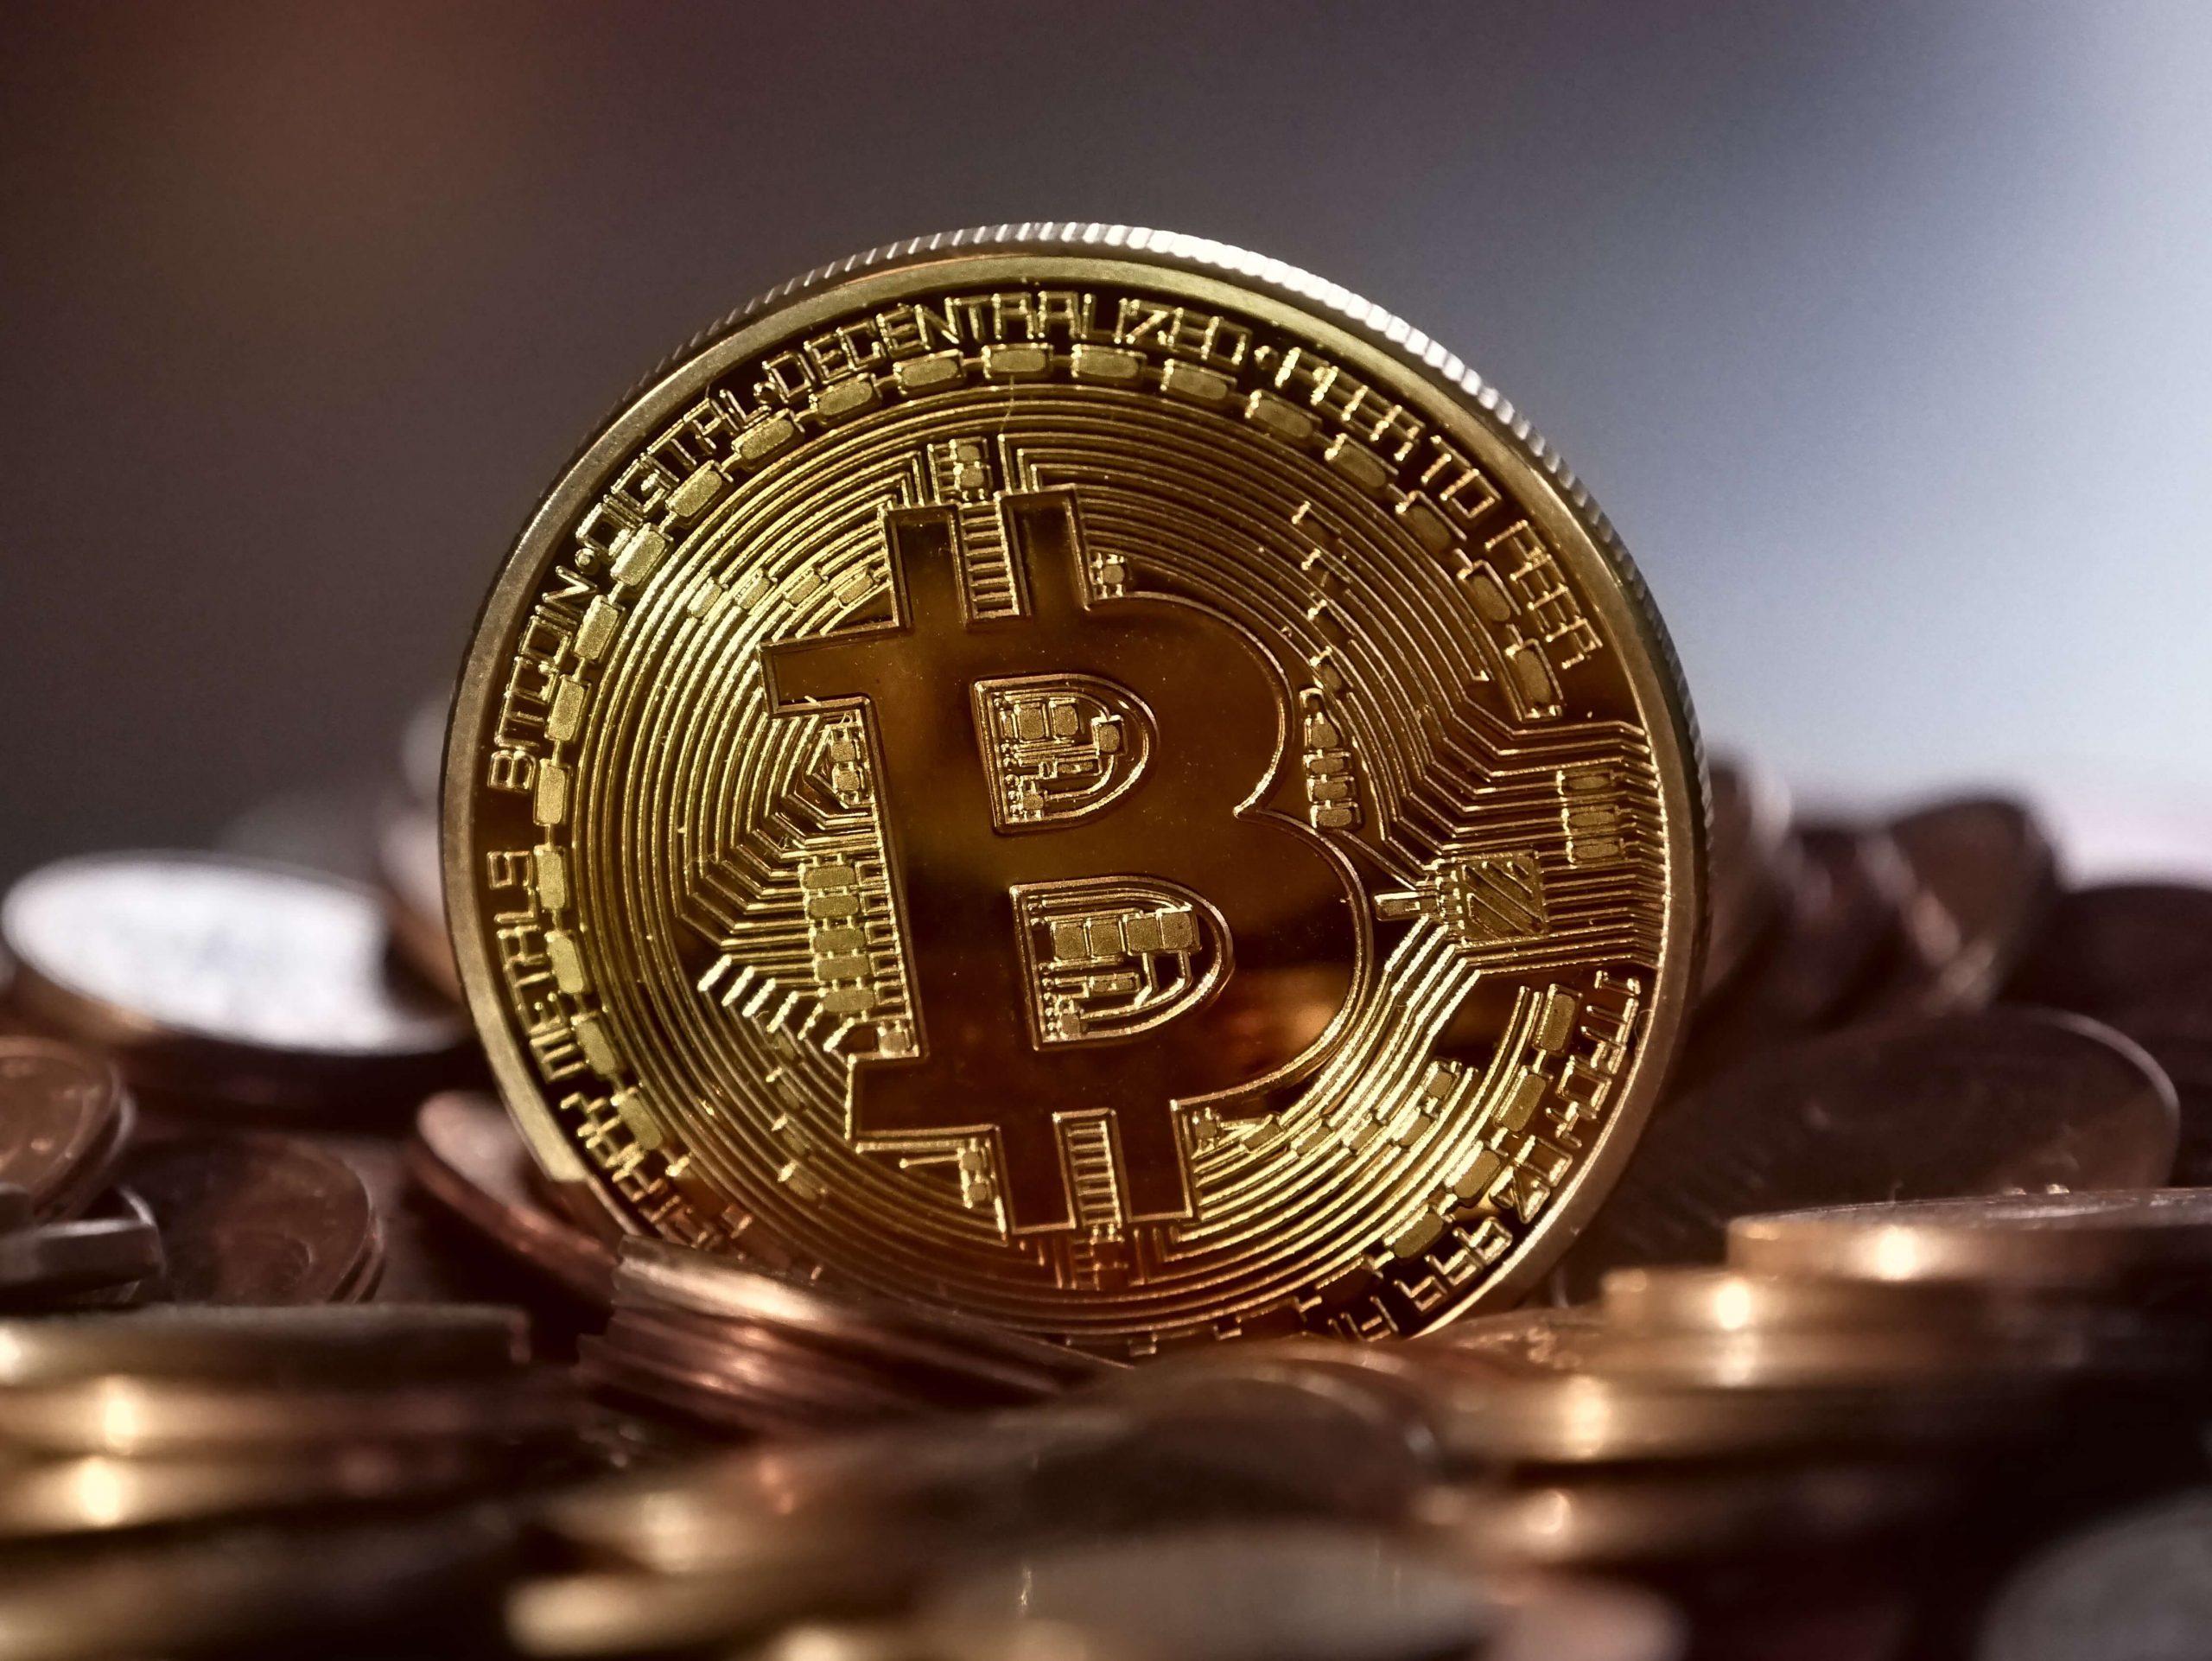 kryptomeny-a-ico-ako-investovat